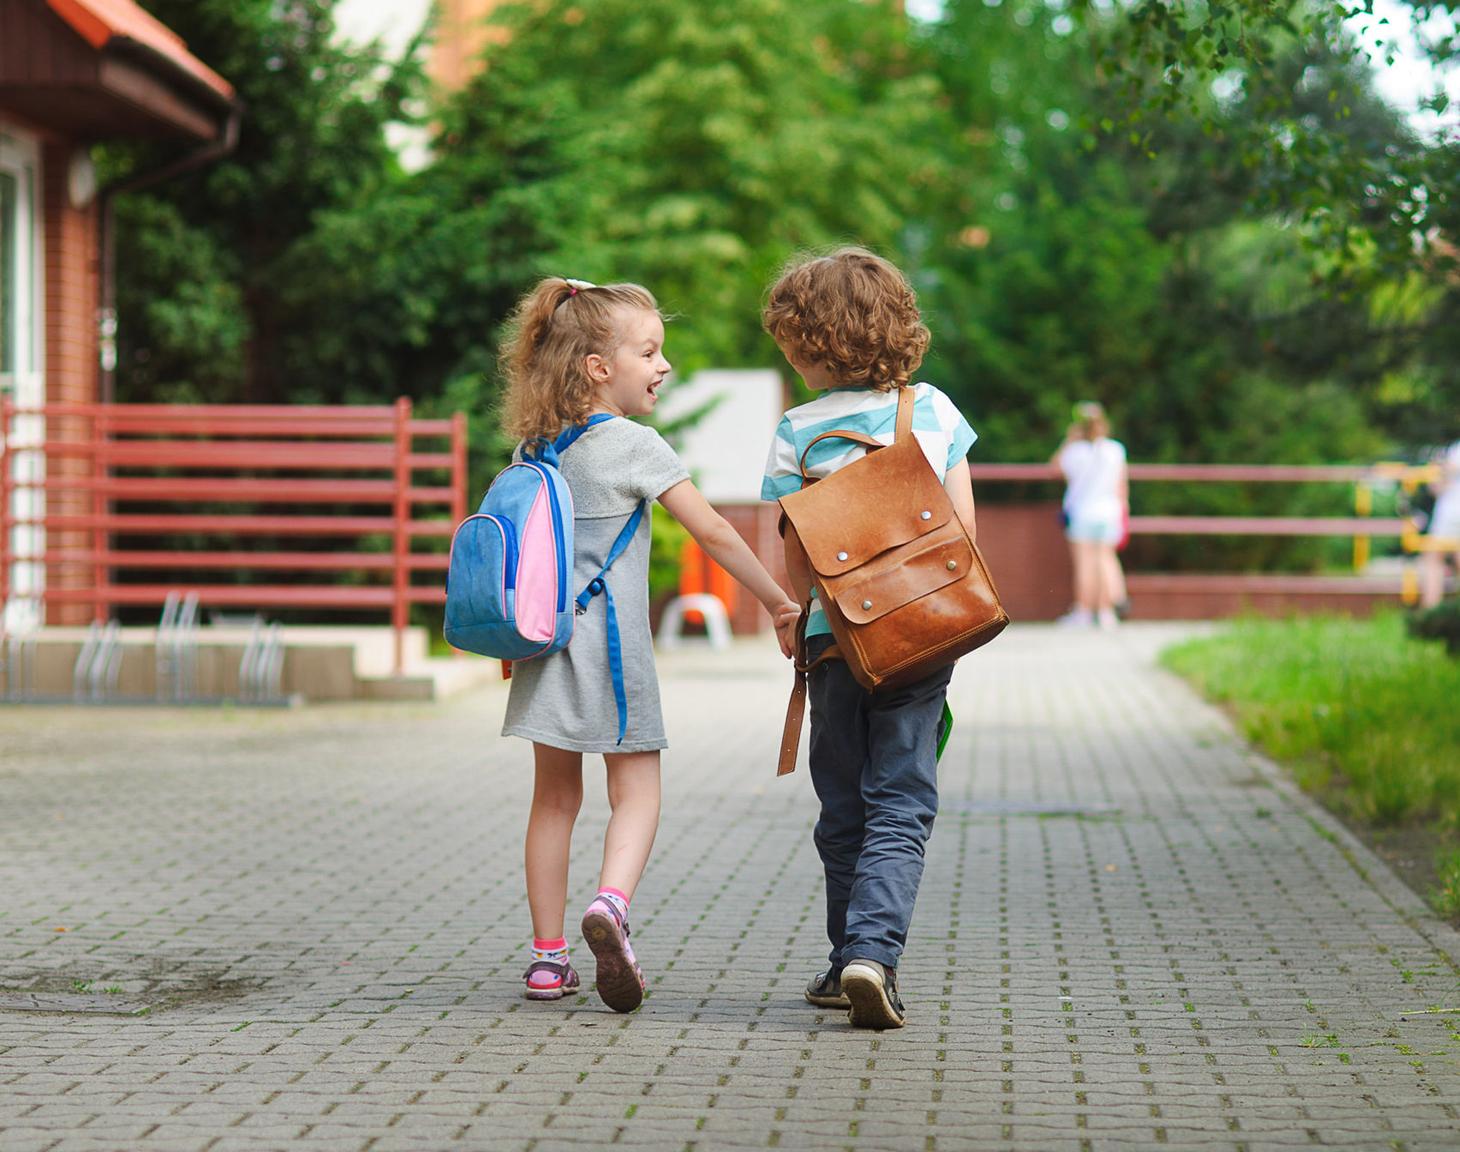 Okul seçiminde dikkat edilmesi gereken kriterler